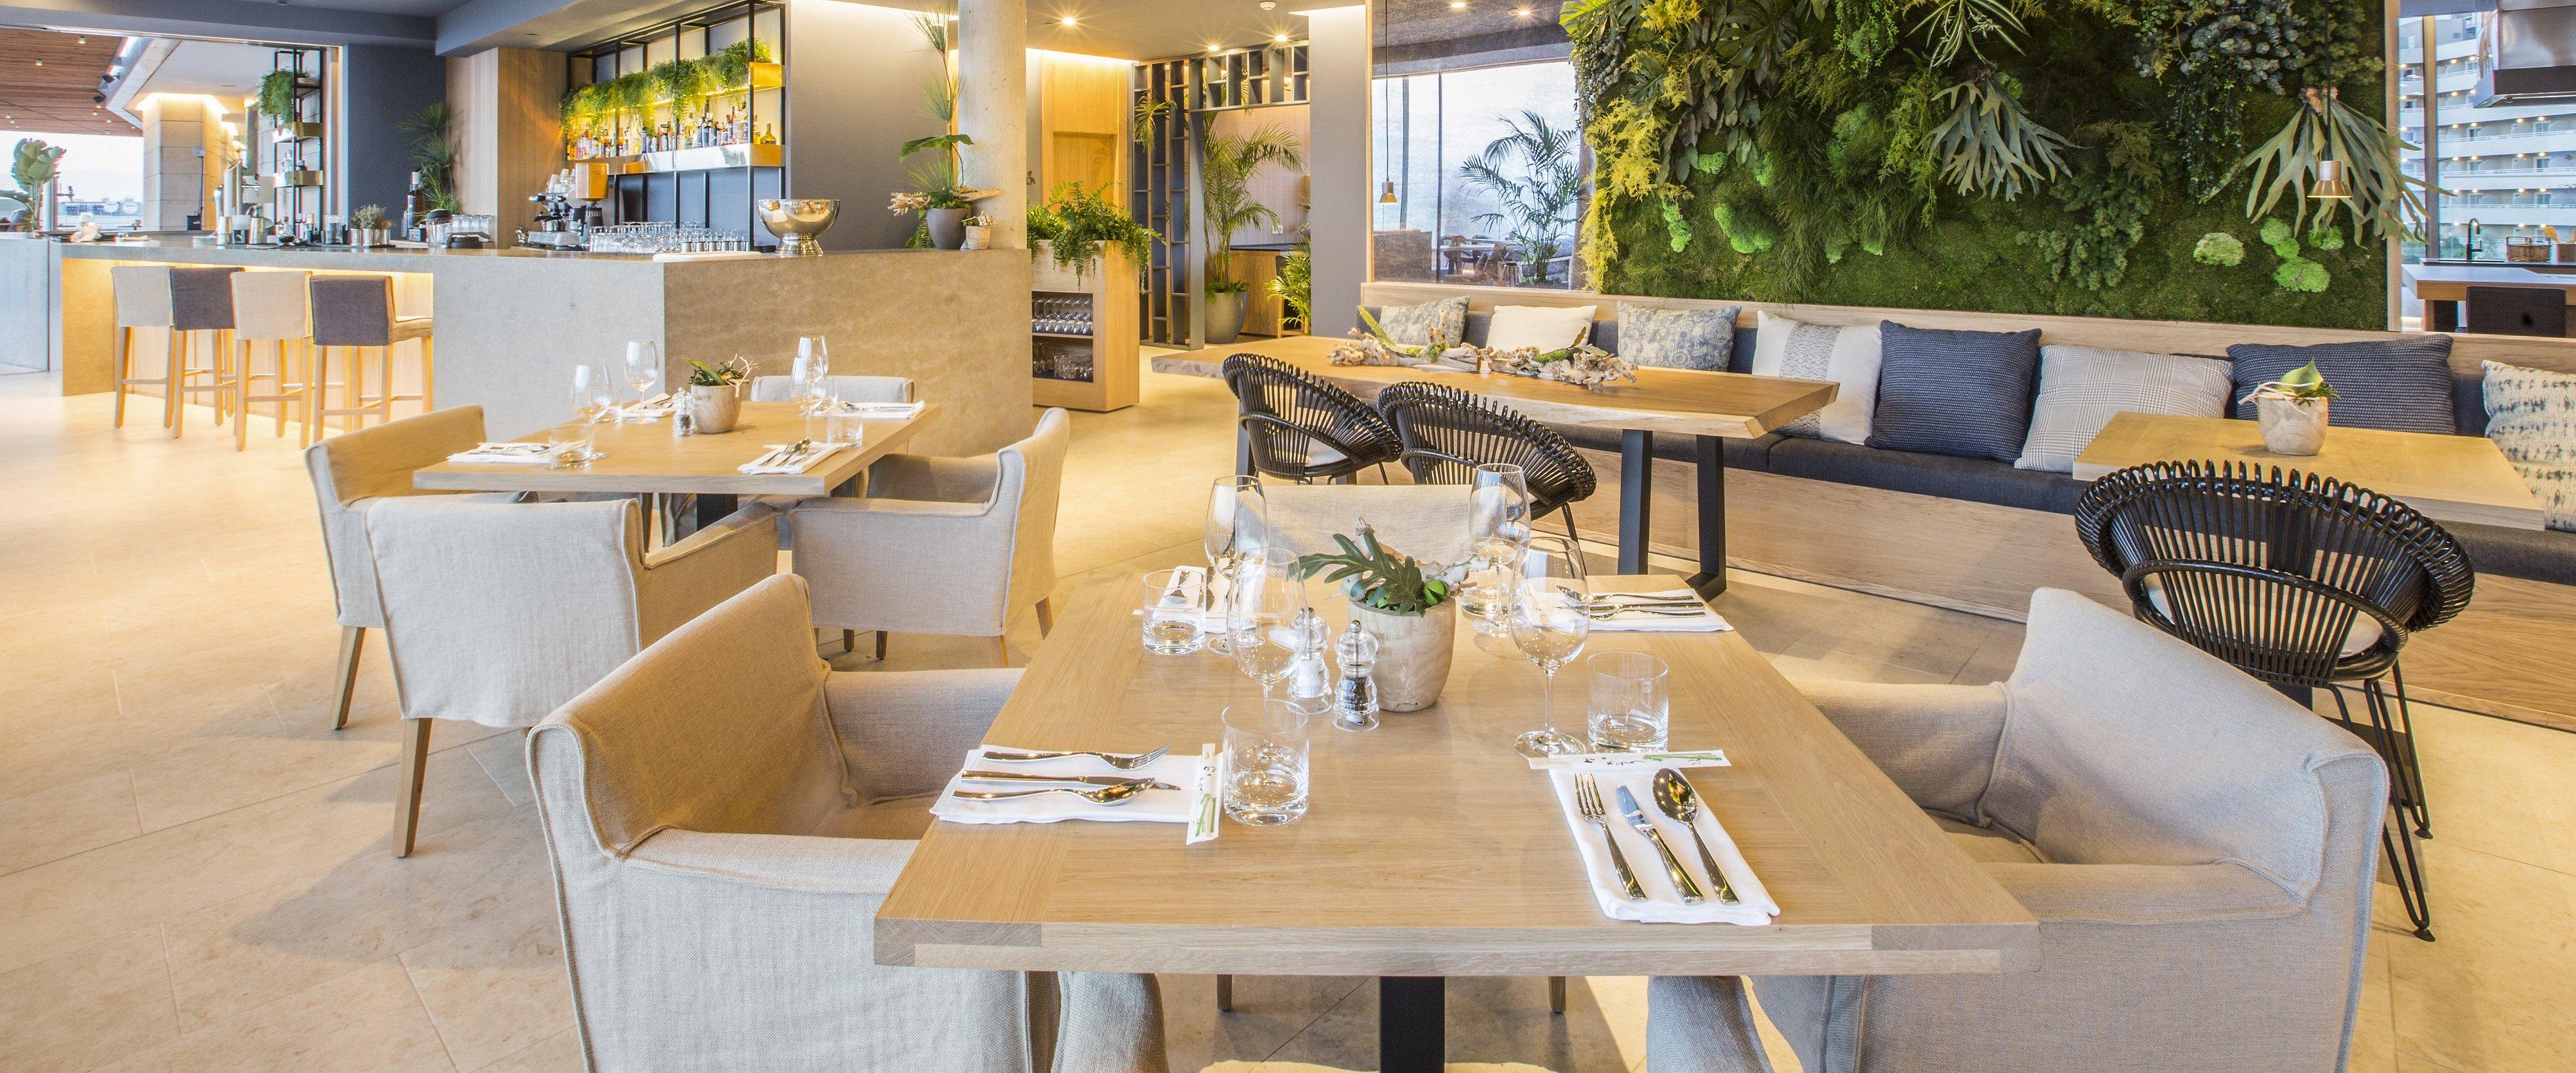 Katagi Blau Restaurant Llaut Palace